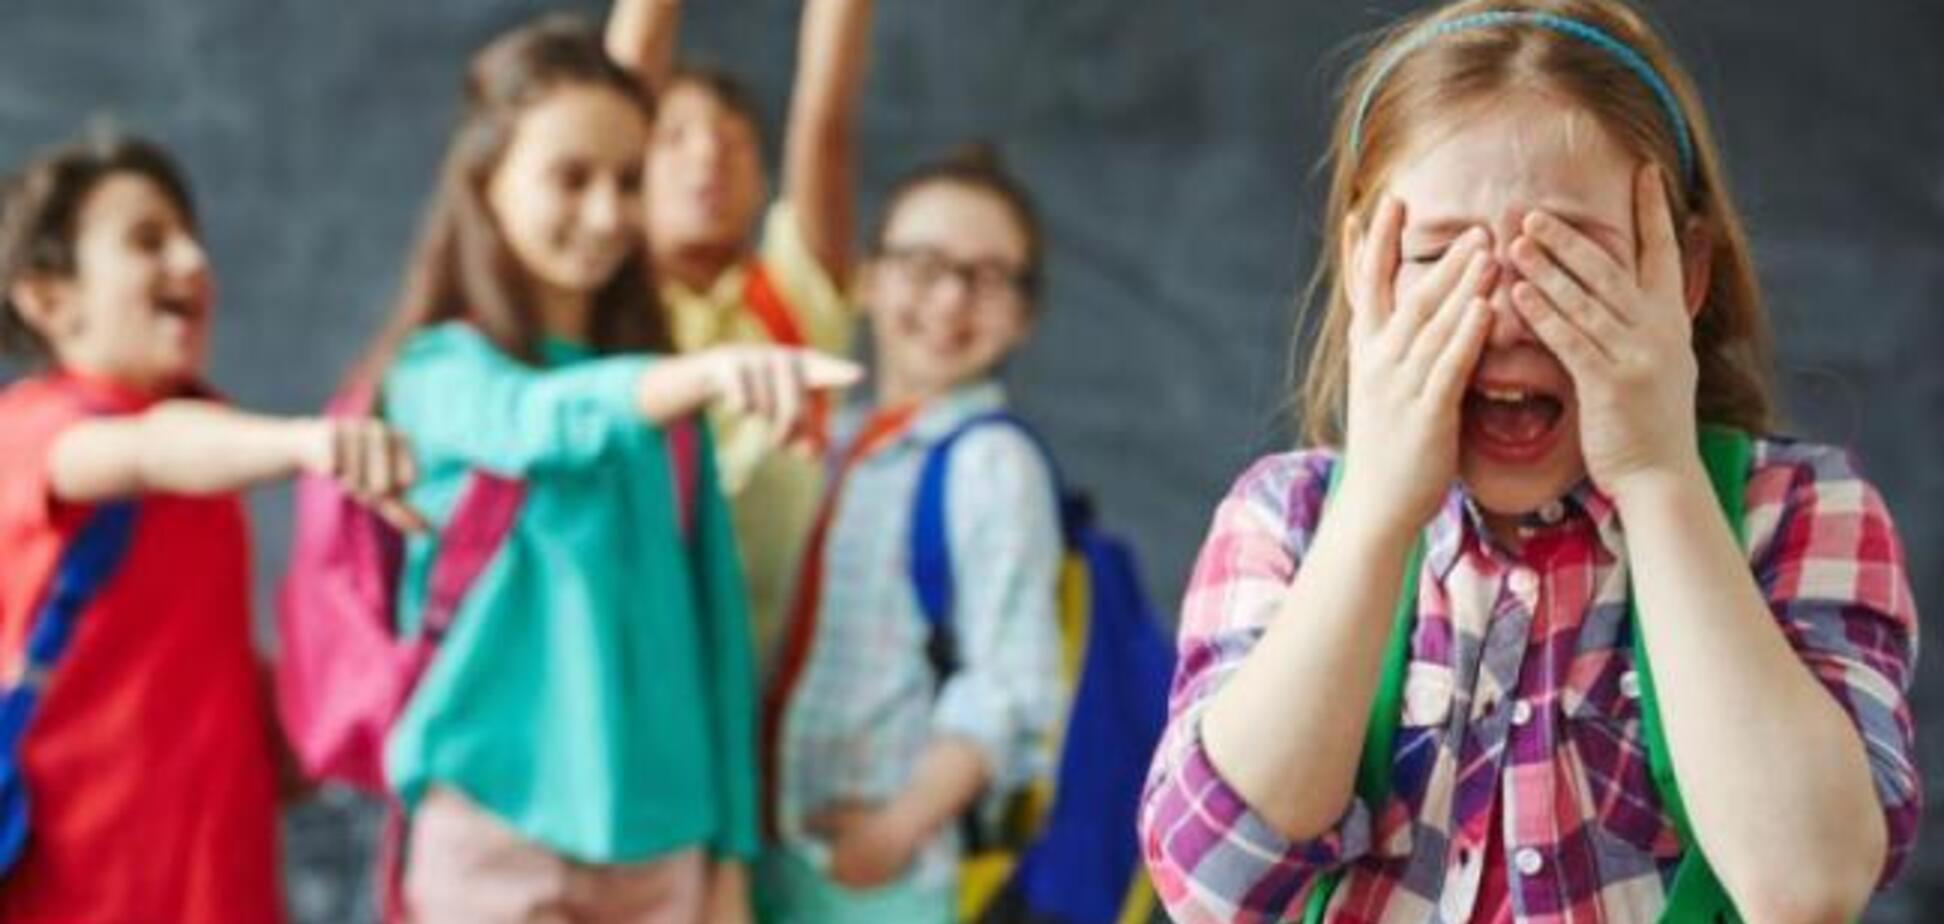 Булінг, побори і зарплата: українці назвали топ-10 проблем освіти за рік